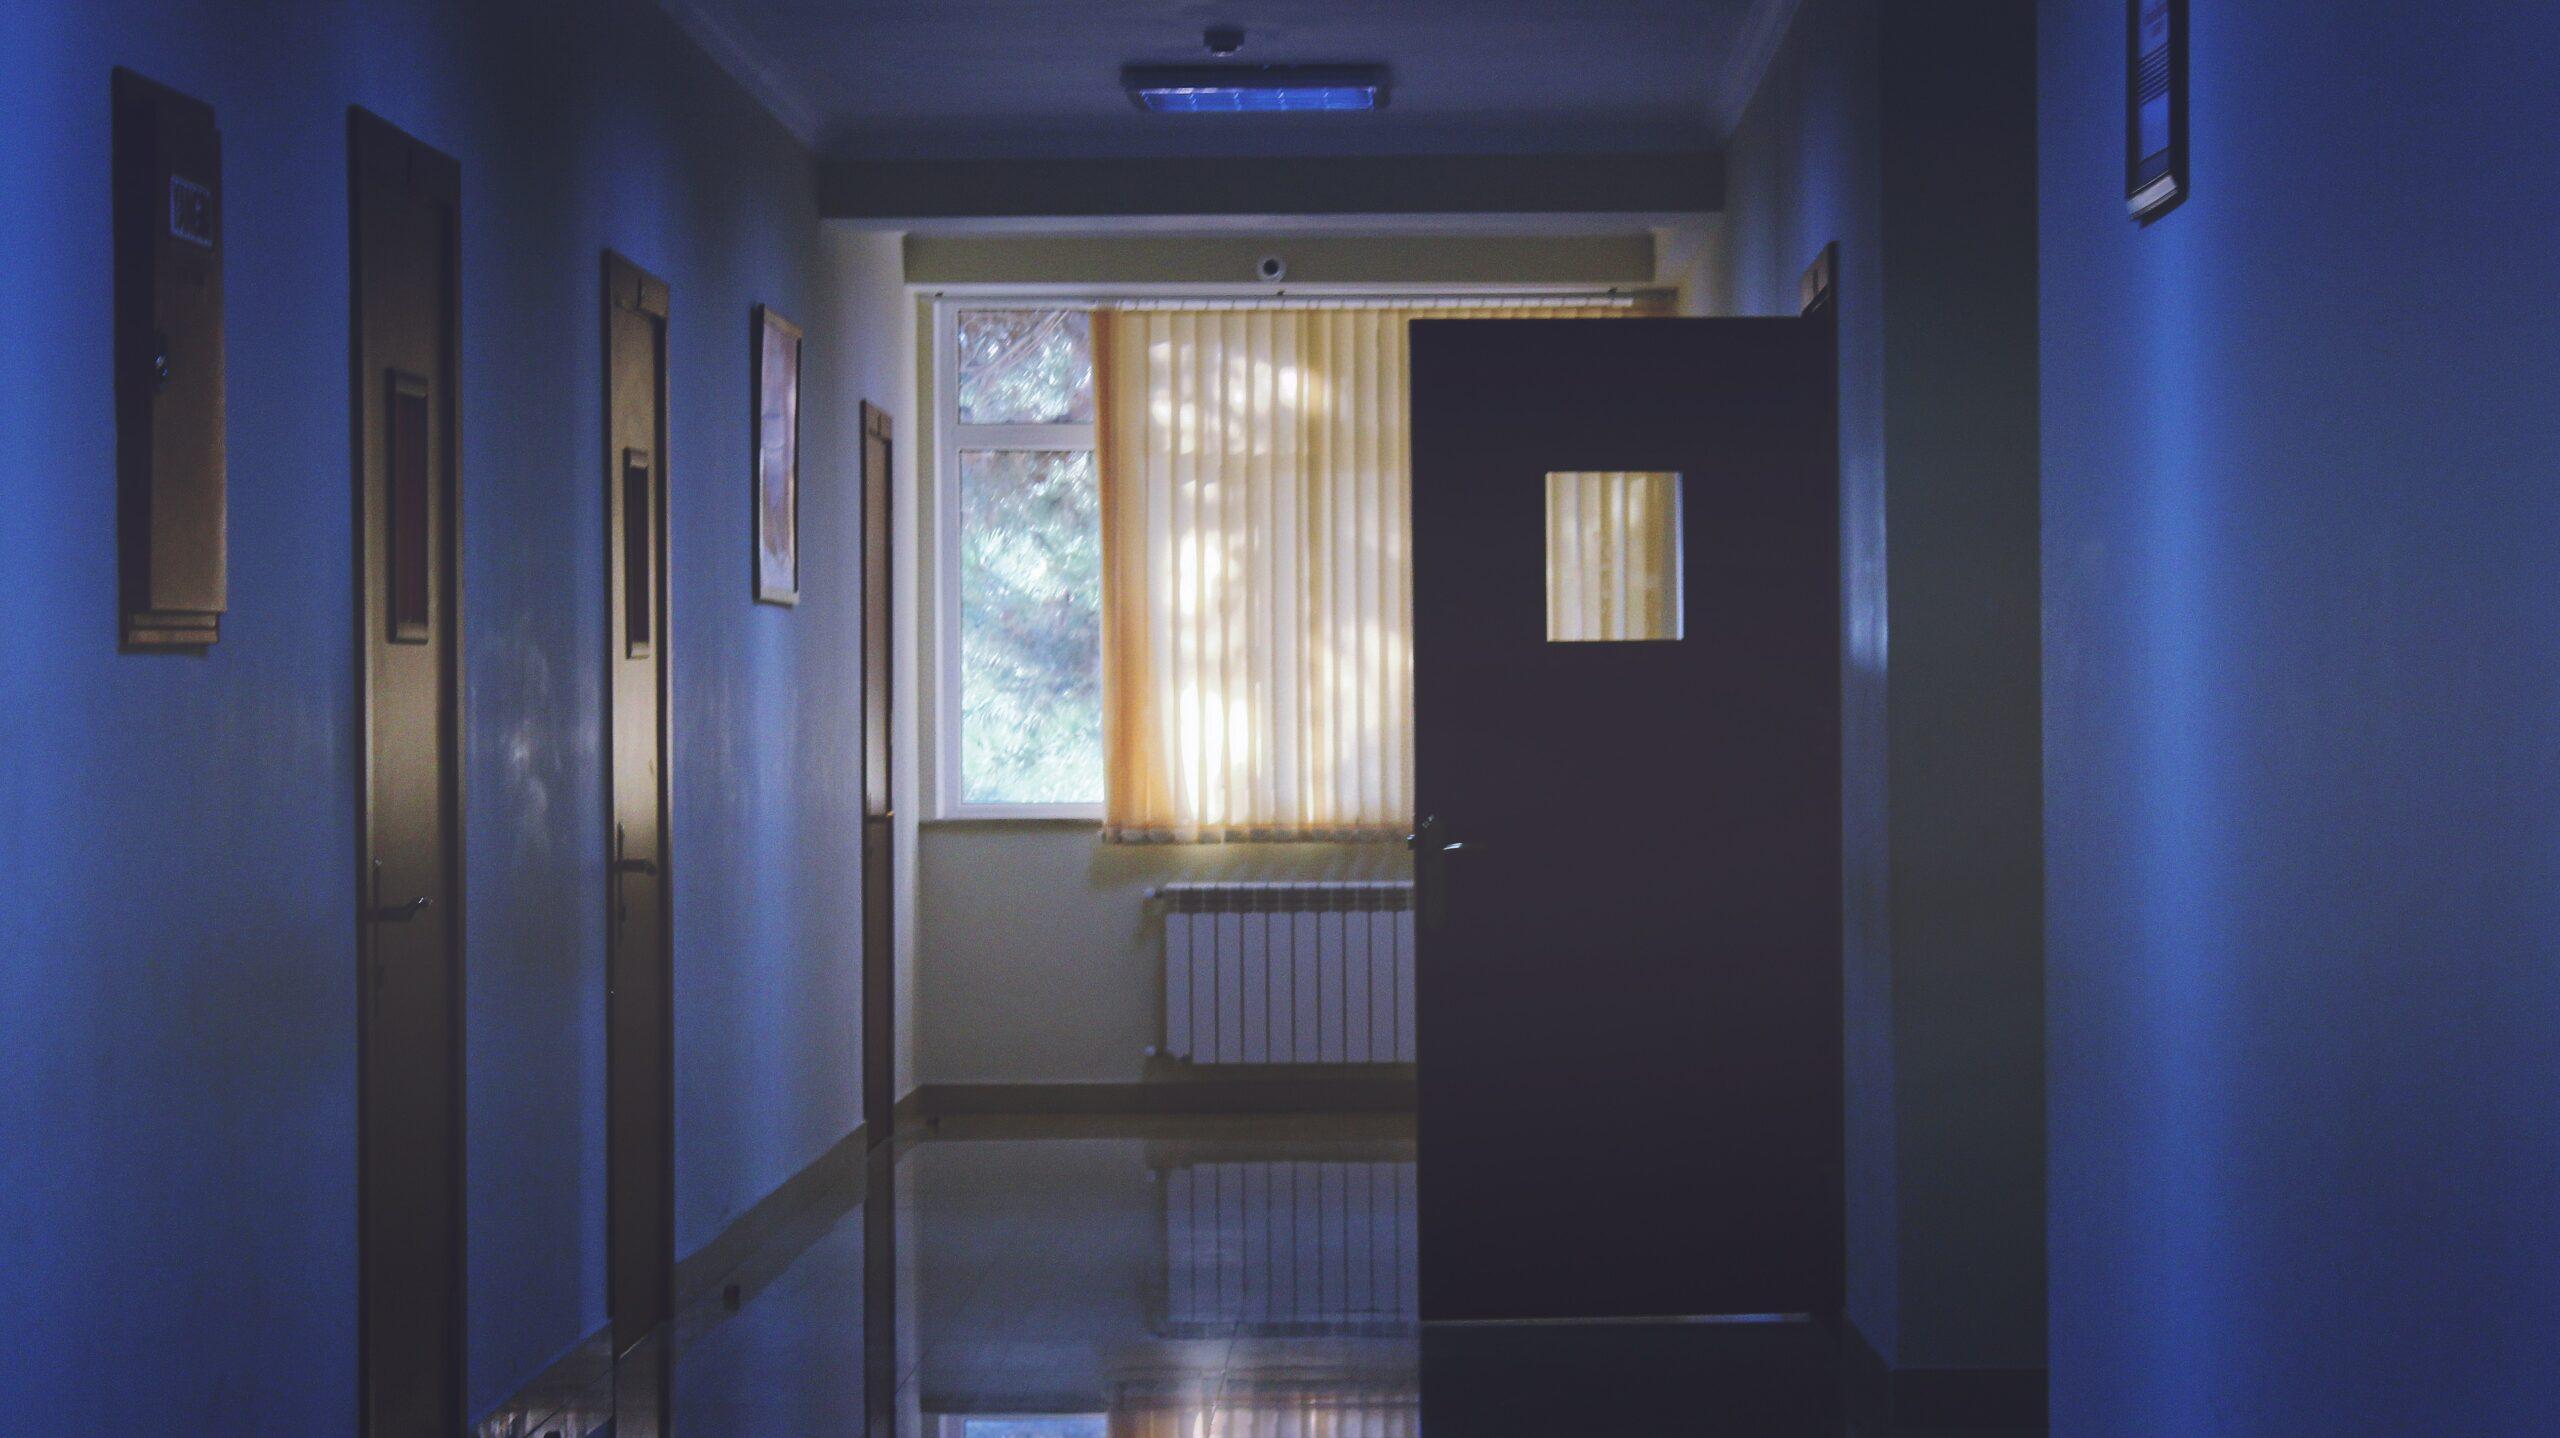 Krankenhausbewachung, Sicherheitsdienst, Krankenhausüberwachung, Wachschutz in der Klinik Frankfurt, Objektschutz, ASB Security